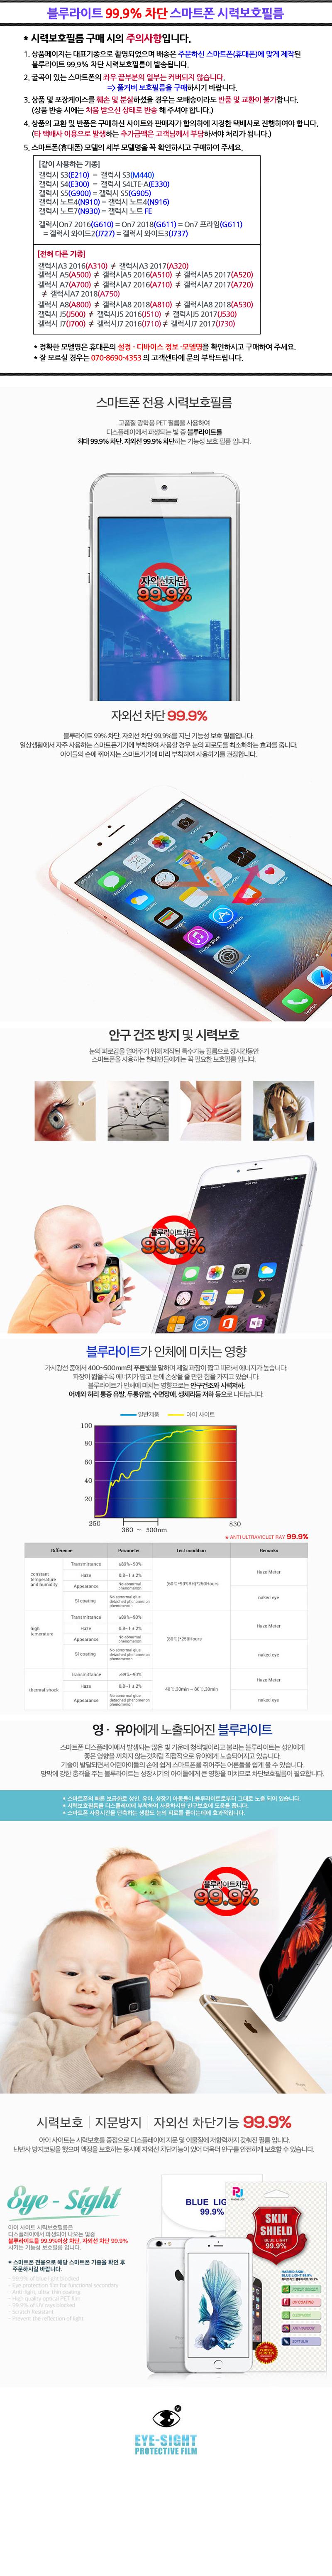 블루라이트 99.9차단 스마트폰 시력보호필름 -갤럭시On7 2016 (G610) - 모션테크, 8,800원, 필름/스킨, 기타 갤럭시 제품